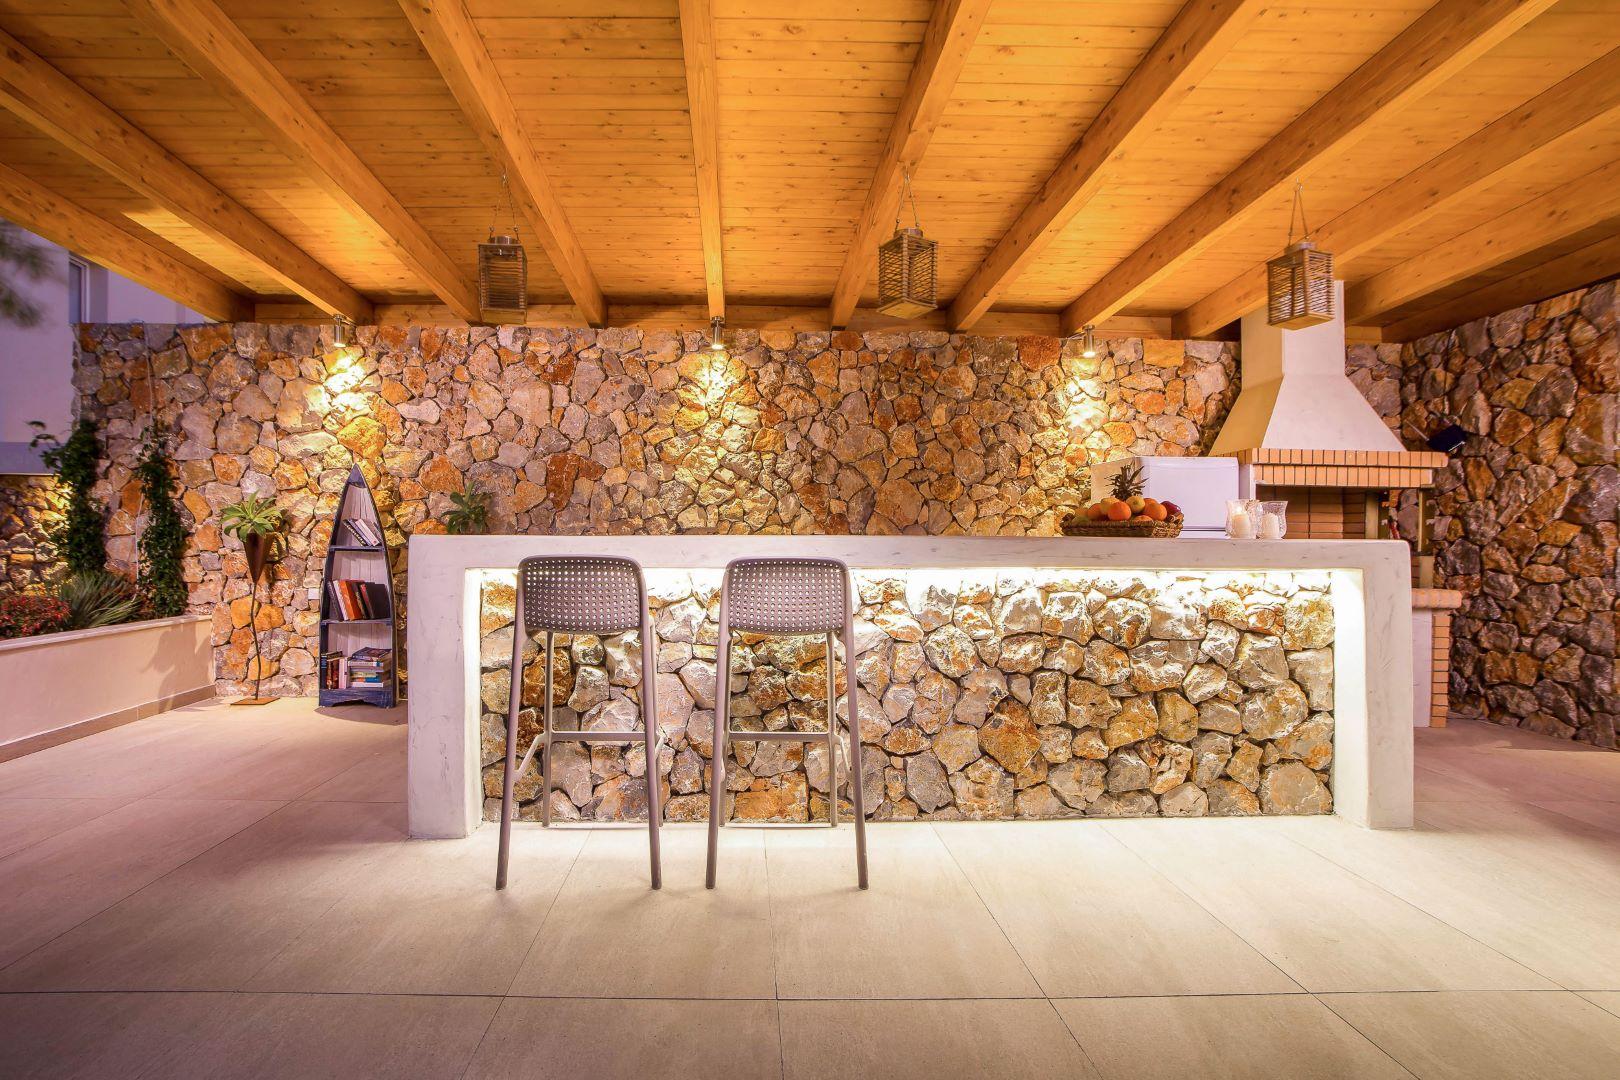 rhodes villas private pools 3 bedrooms